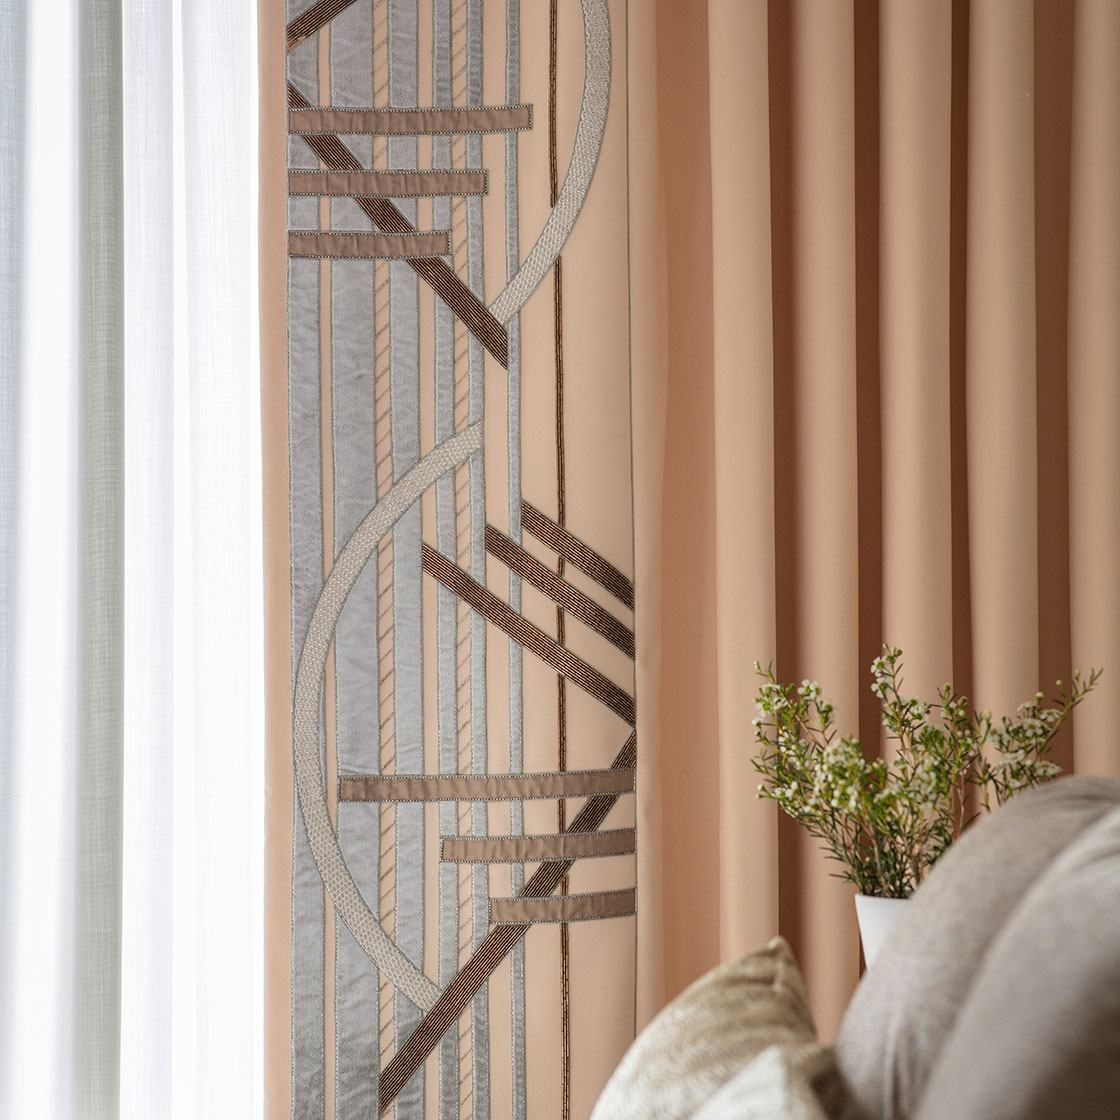 Audrey - Curtain In Eriskay Wool Shell - Beaumont & Fletcher - Beaumont & Fletcher